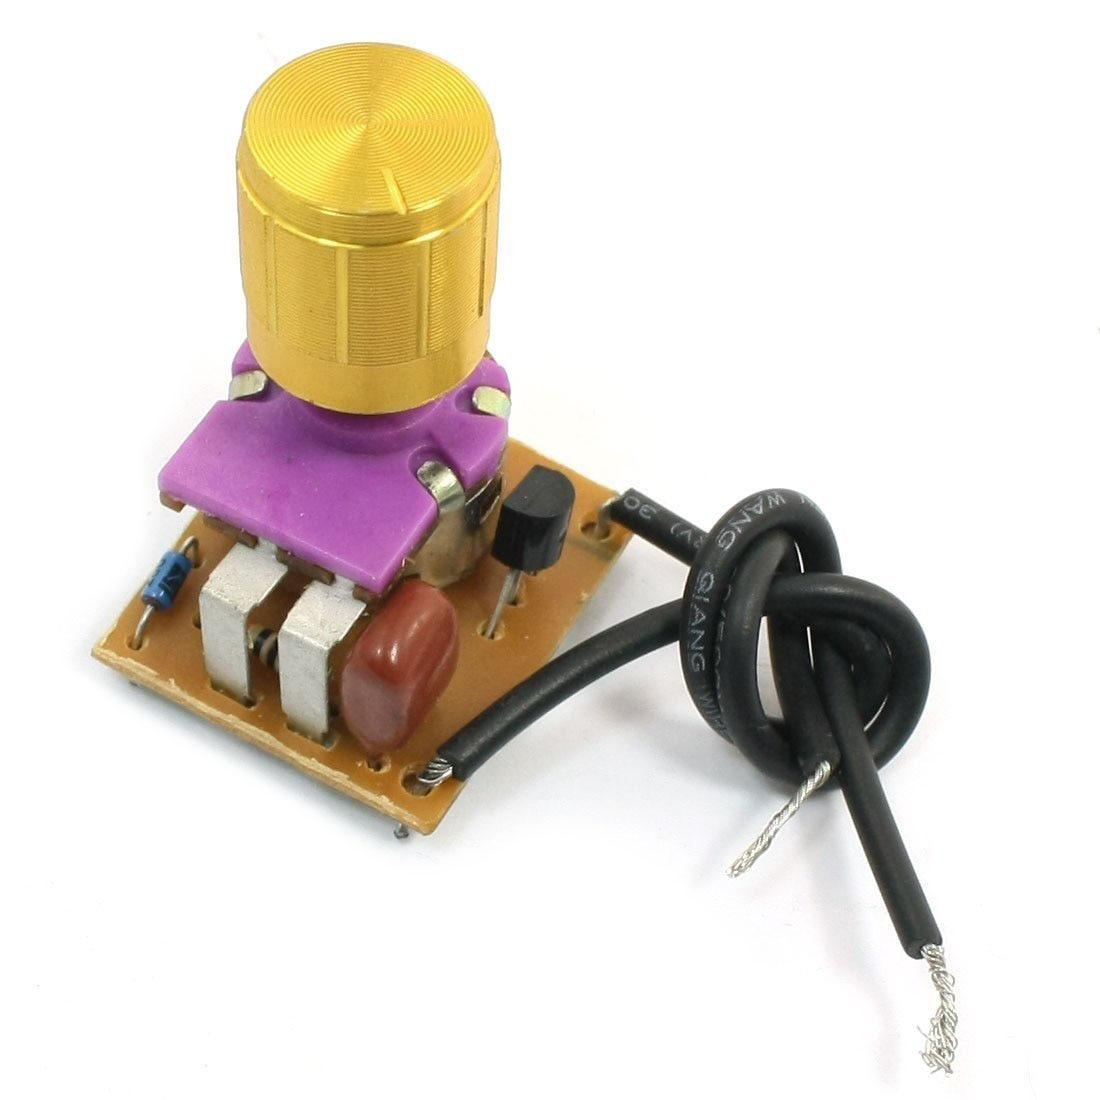 Высокое качество настольная лампа полный спектр диммер золотой тон поворотный переключатель 2 Провода разъем